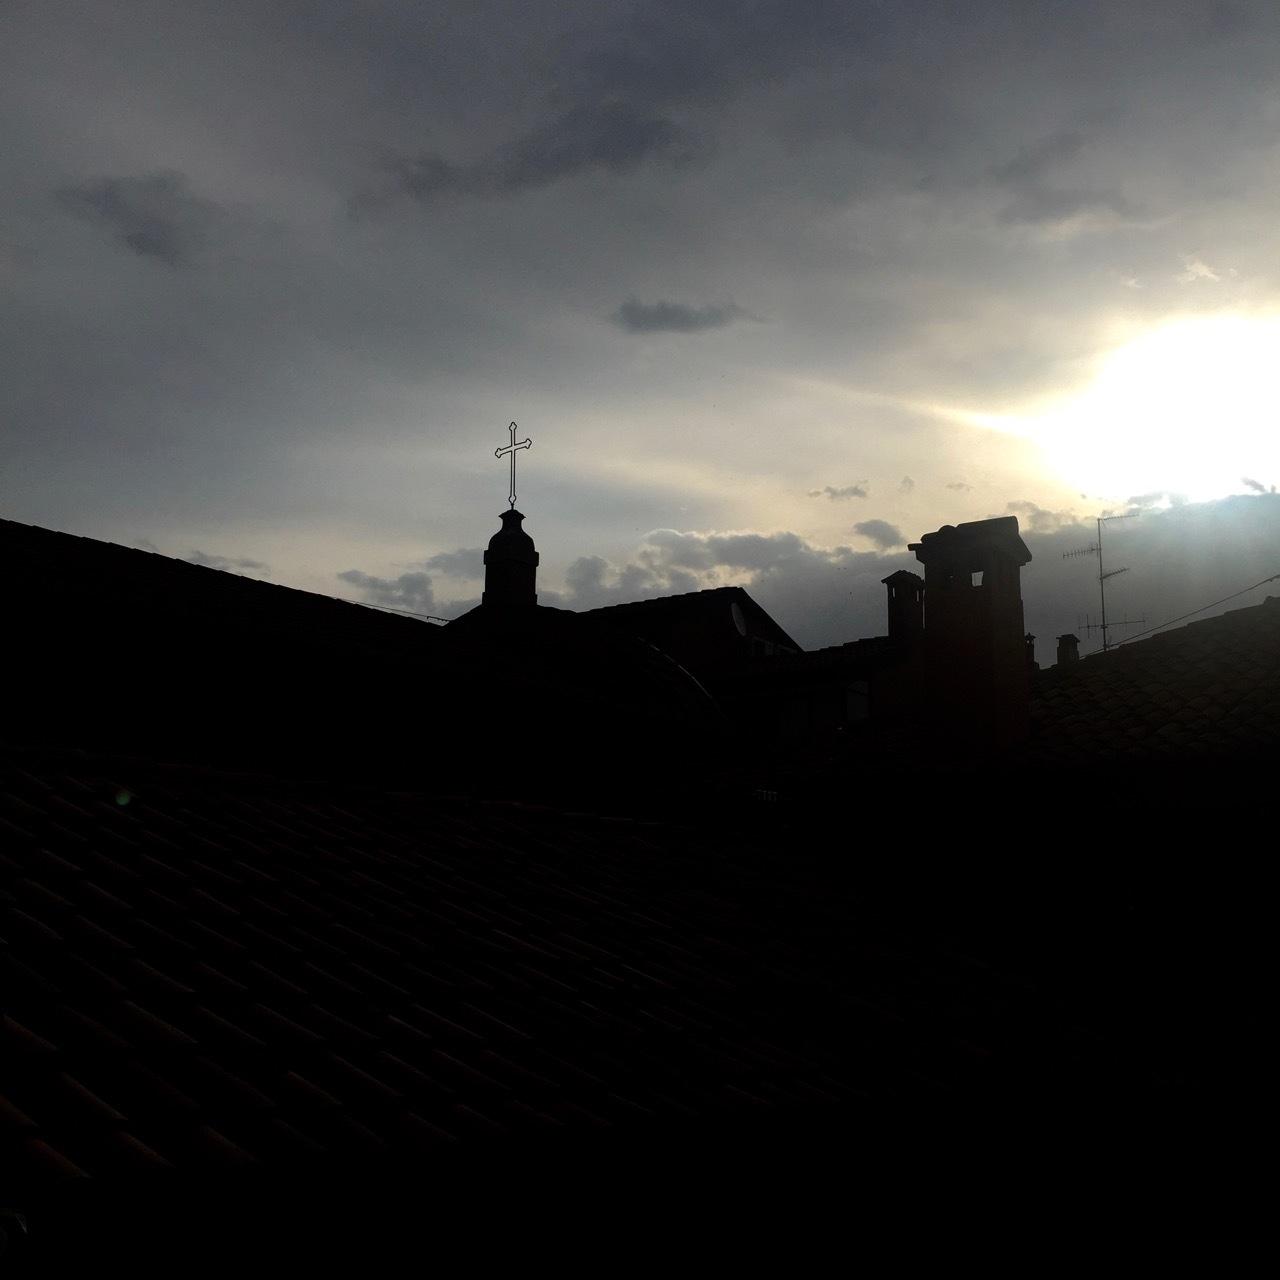 レナード、ならぬ、ボローニャの朝。_f0170995_16530268.jpg